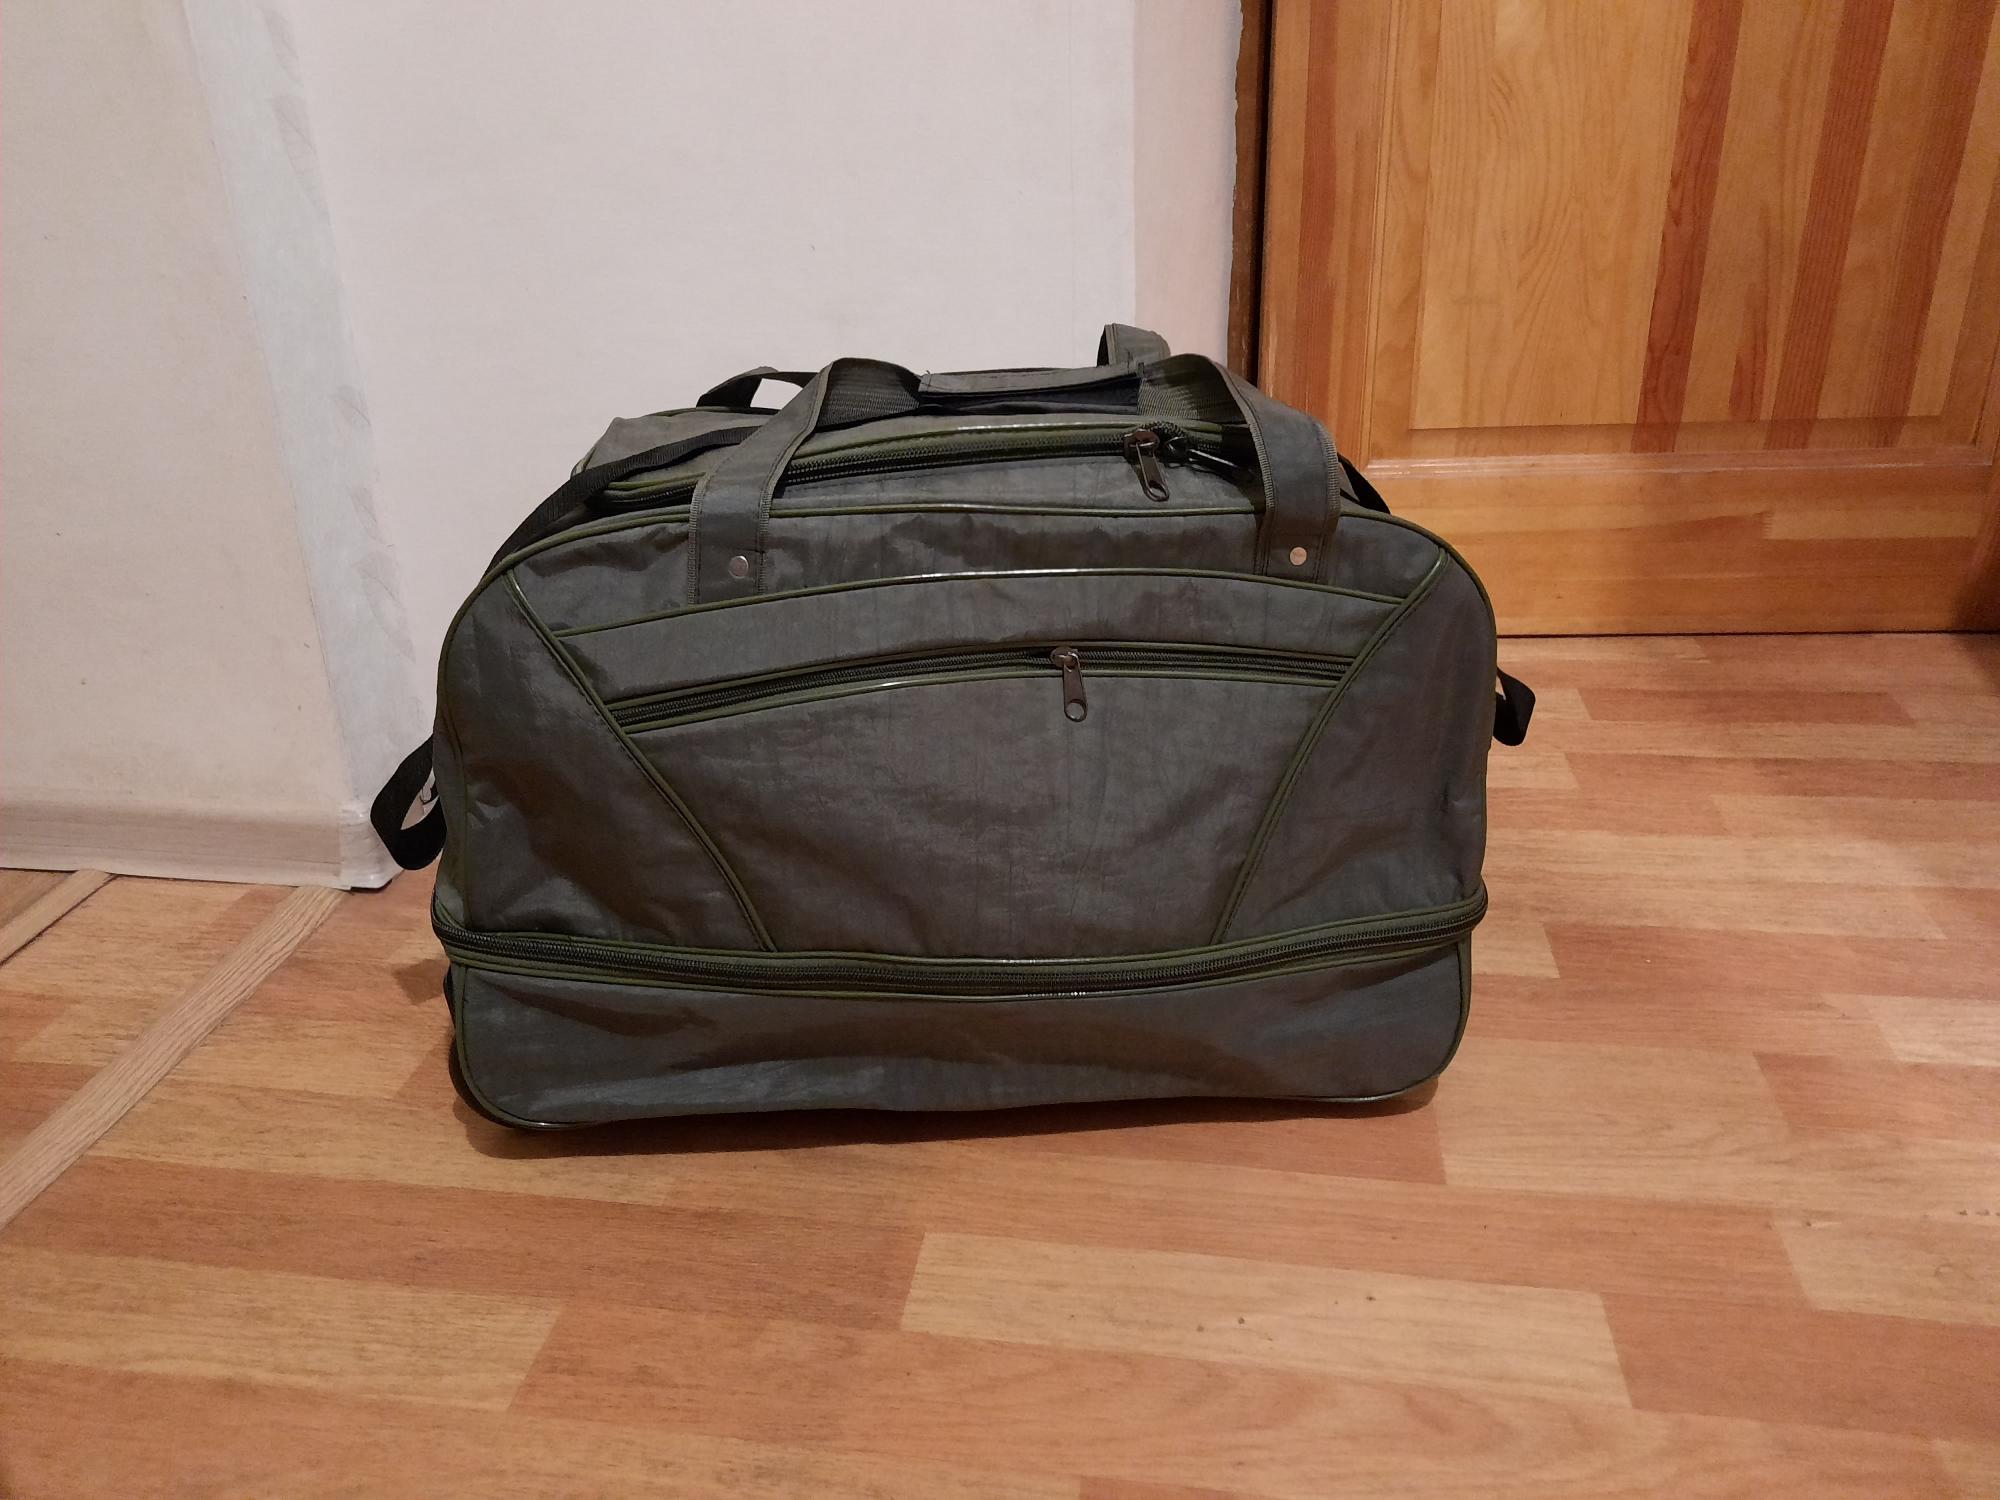 НОВАЯ дорожная сумка на колесах в Москве 89160314195 купить 7